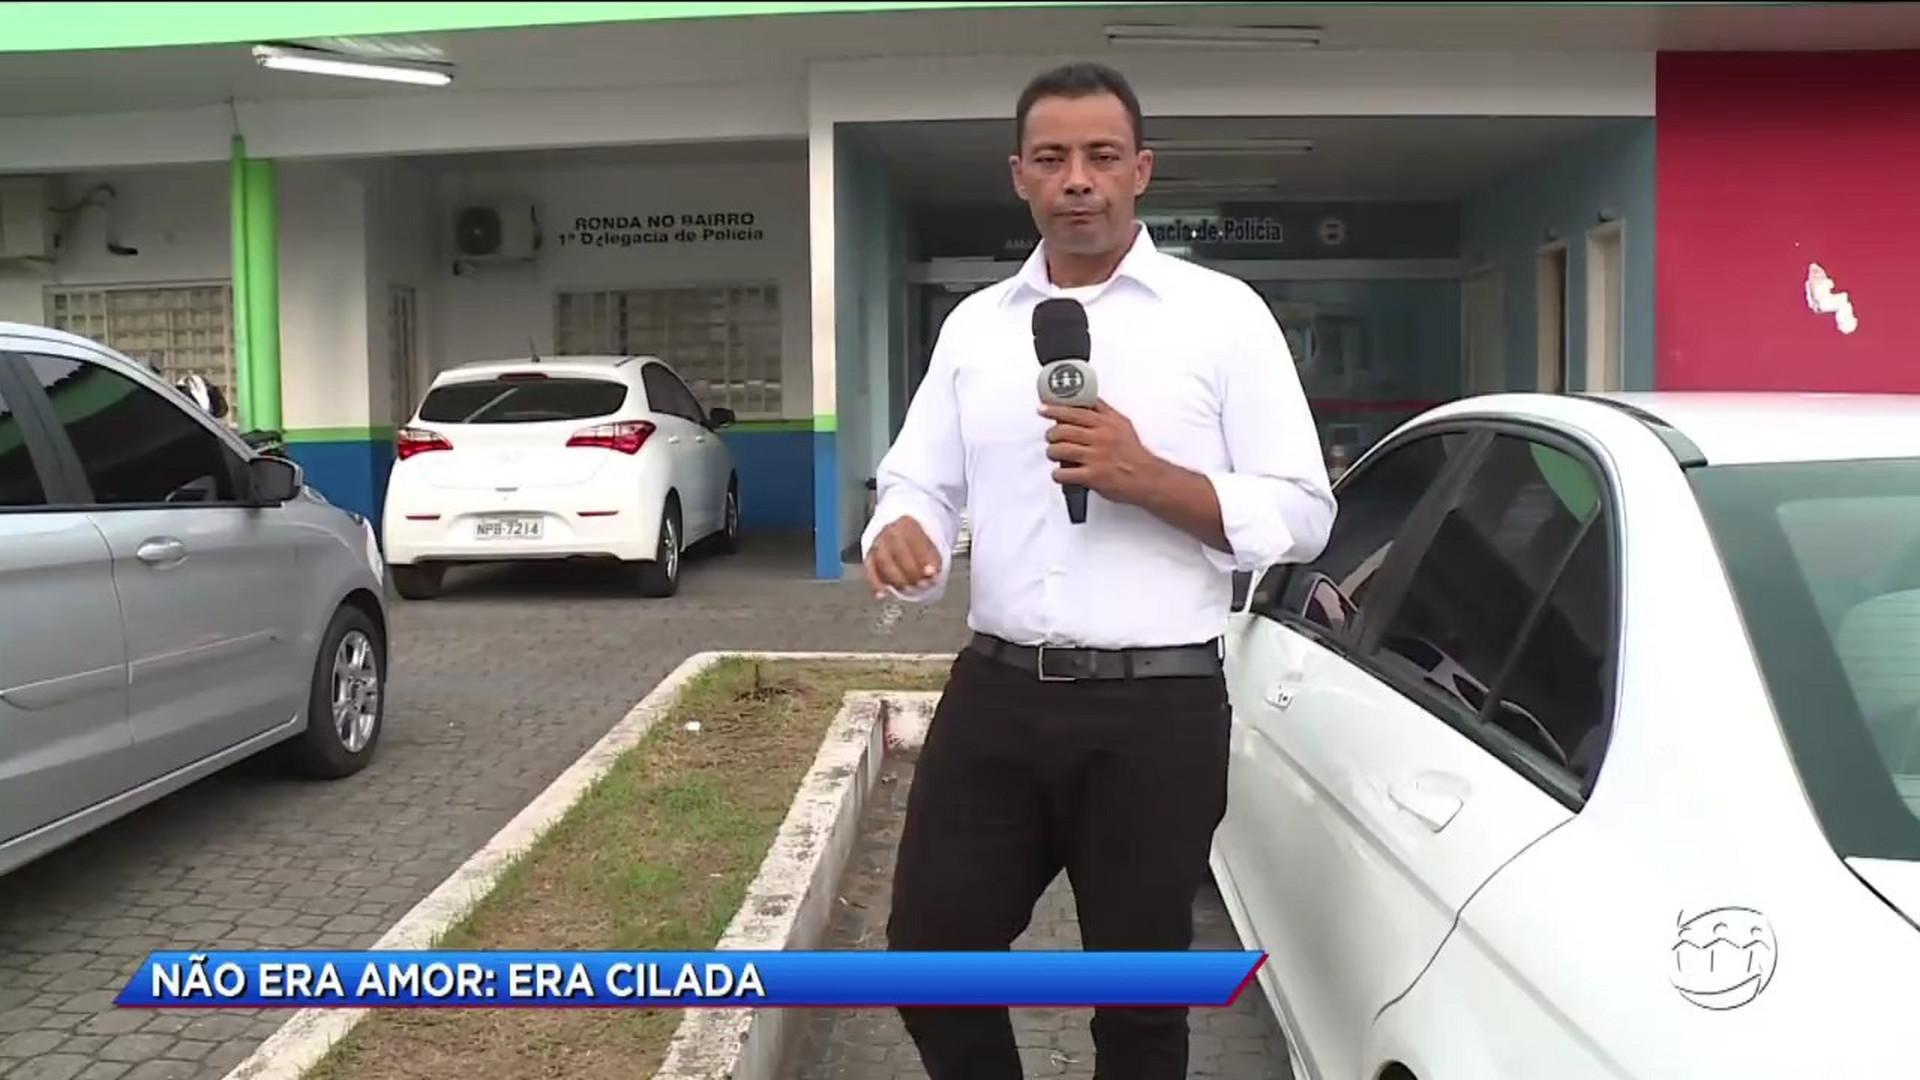 GAROTO DE PROGRAMA DENUNCIA CALOTE DE CLIENTE - Cidade Alerta Manaus 16/10/17